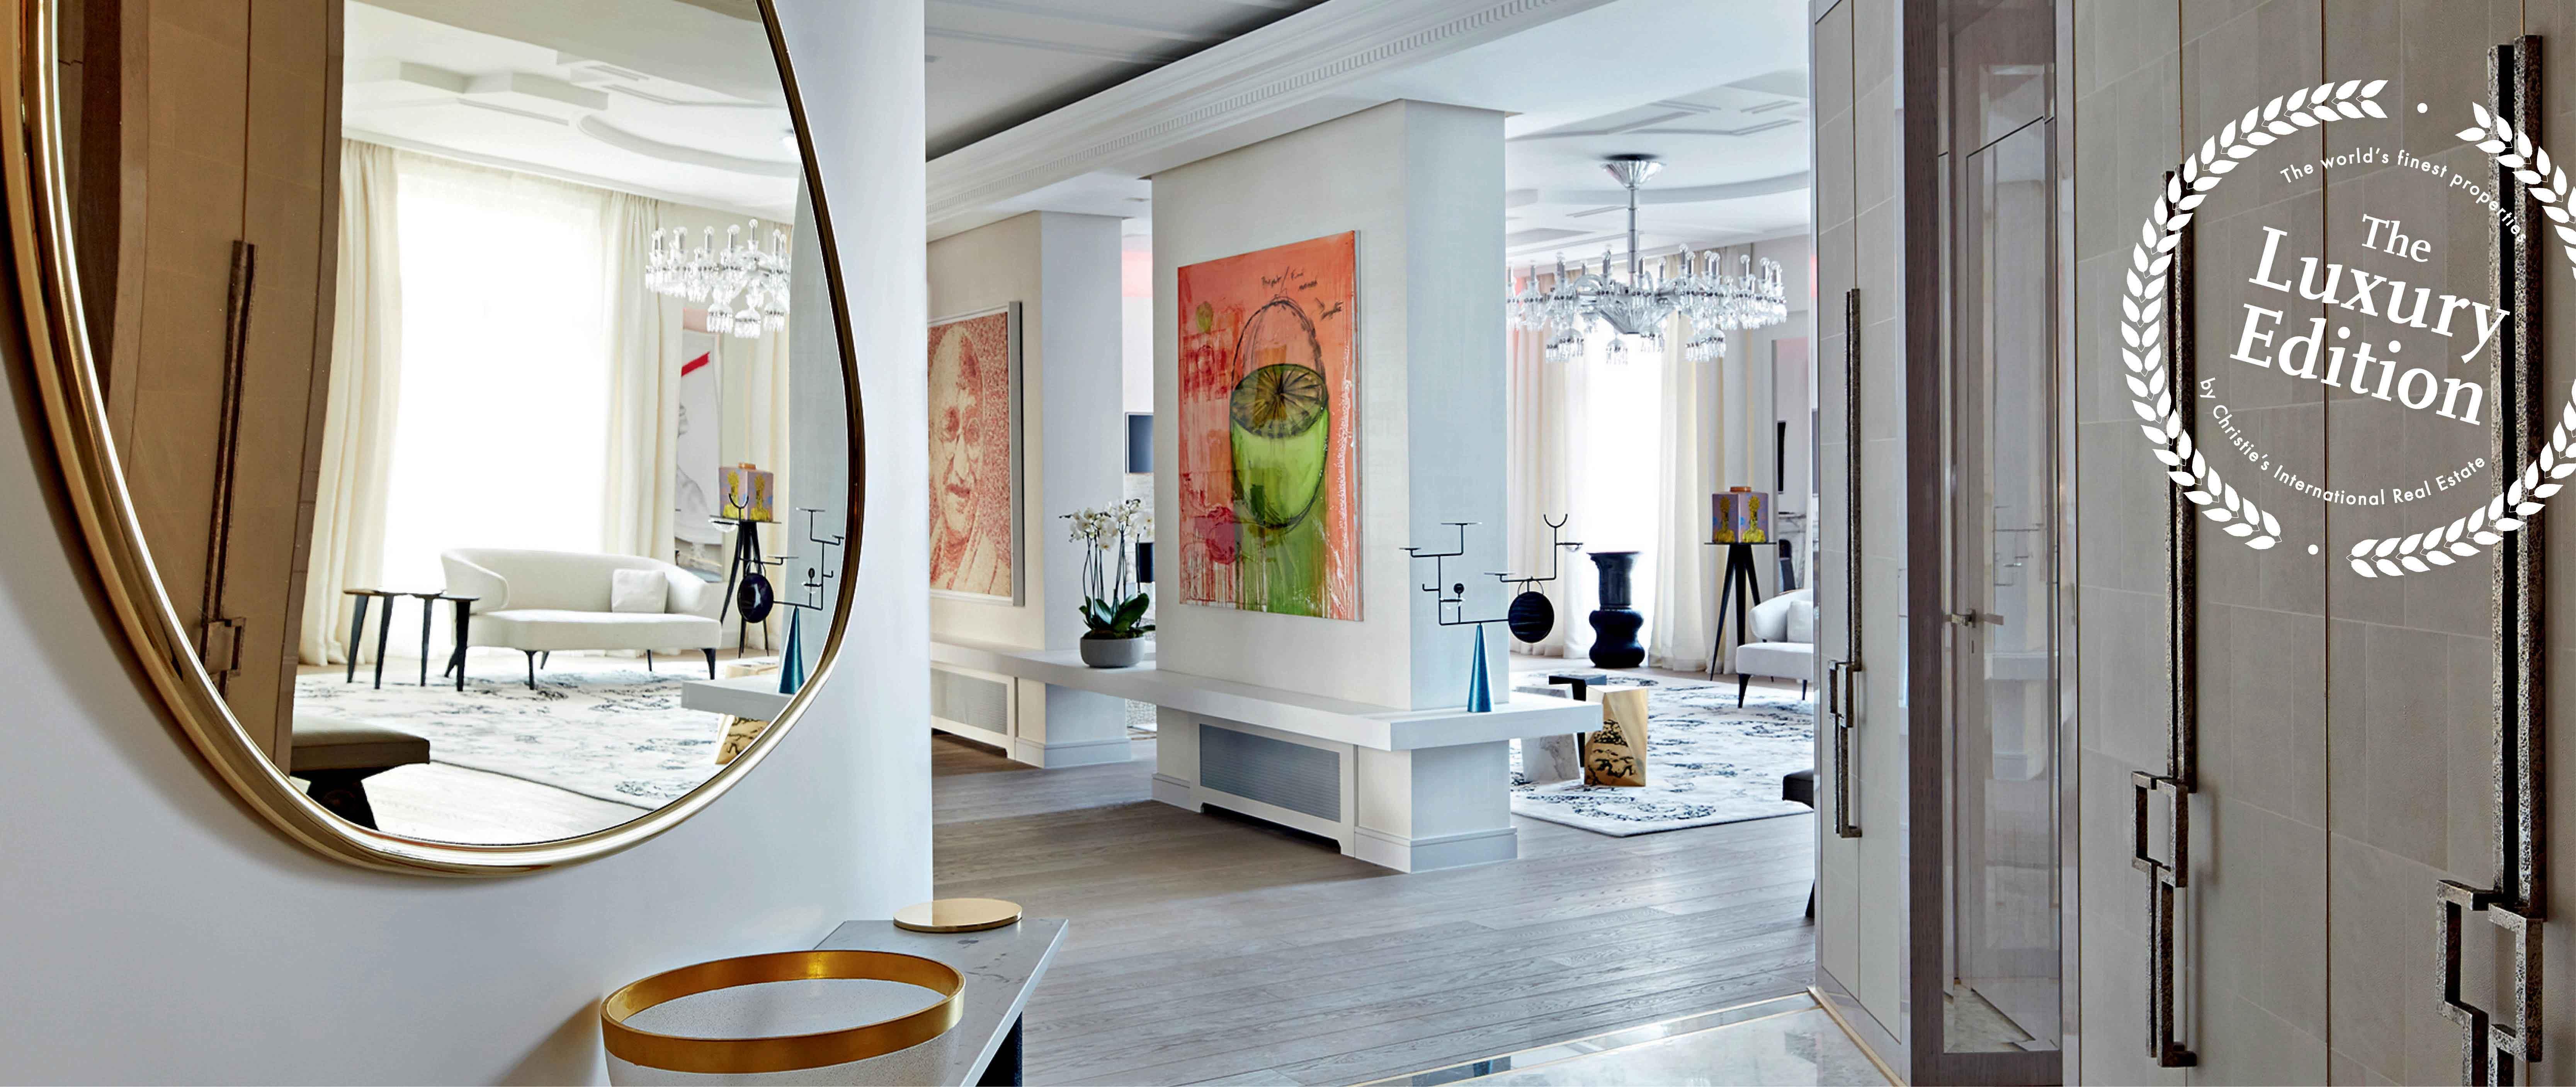 Pied À Terre Paris luxury edition: parisian chic pied-à-terre - christie's